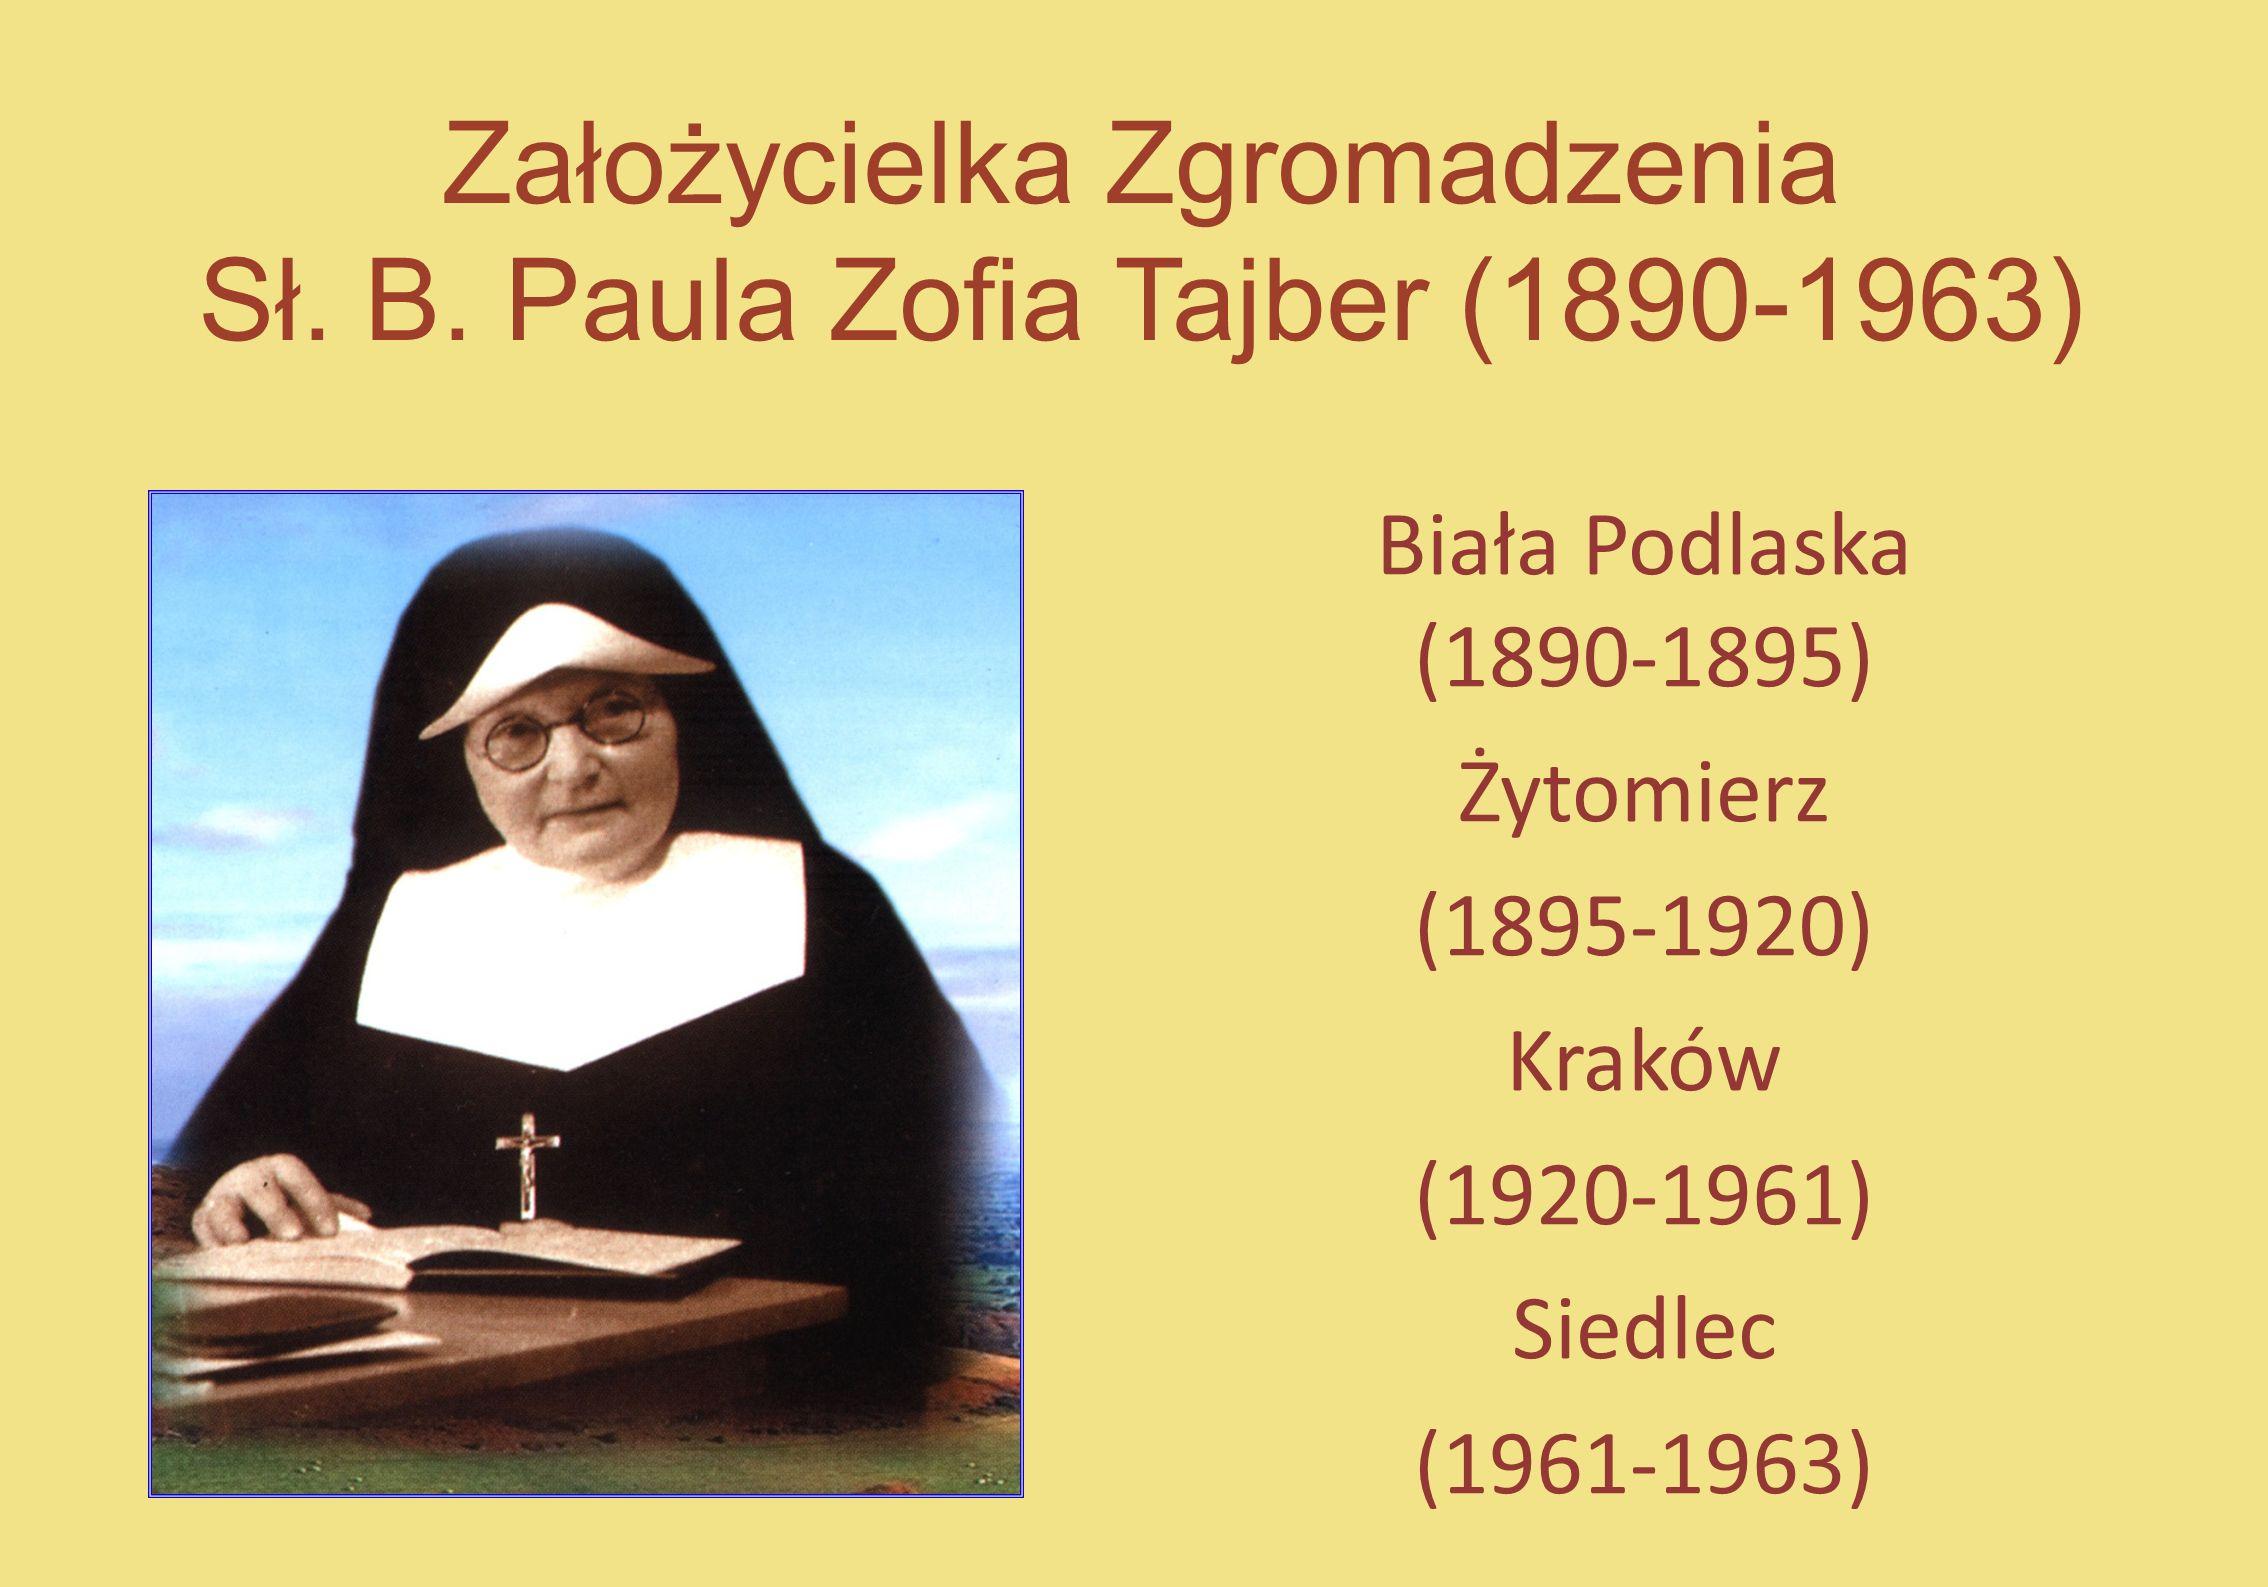 Założycielka Zgromadzenia Sł. B. Paula Zofia Tajber (1890-1963) Biała Podlaska (1890-1895) Żytomierz (1895-1920) Kraków (1920-1961) Siedlec (1961-1963